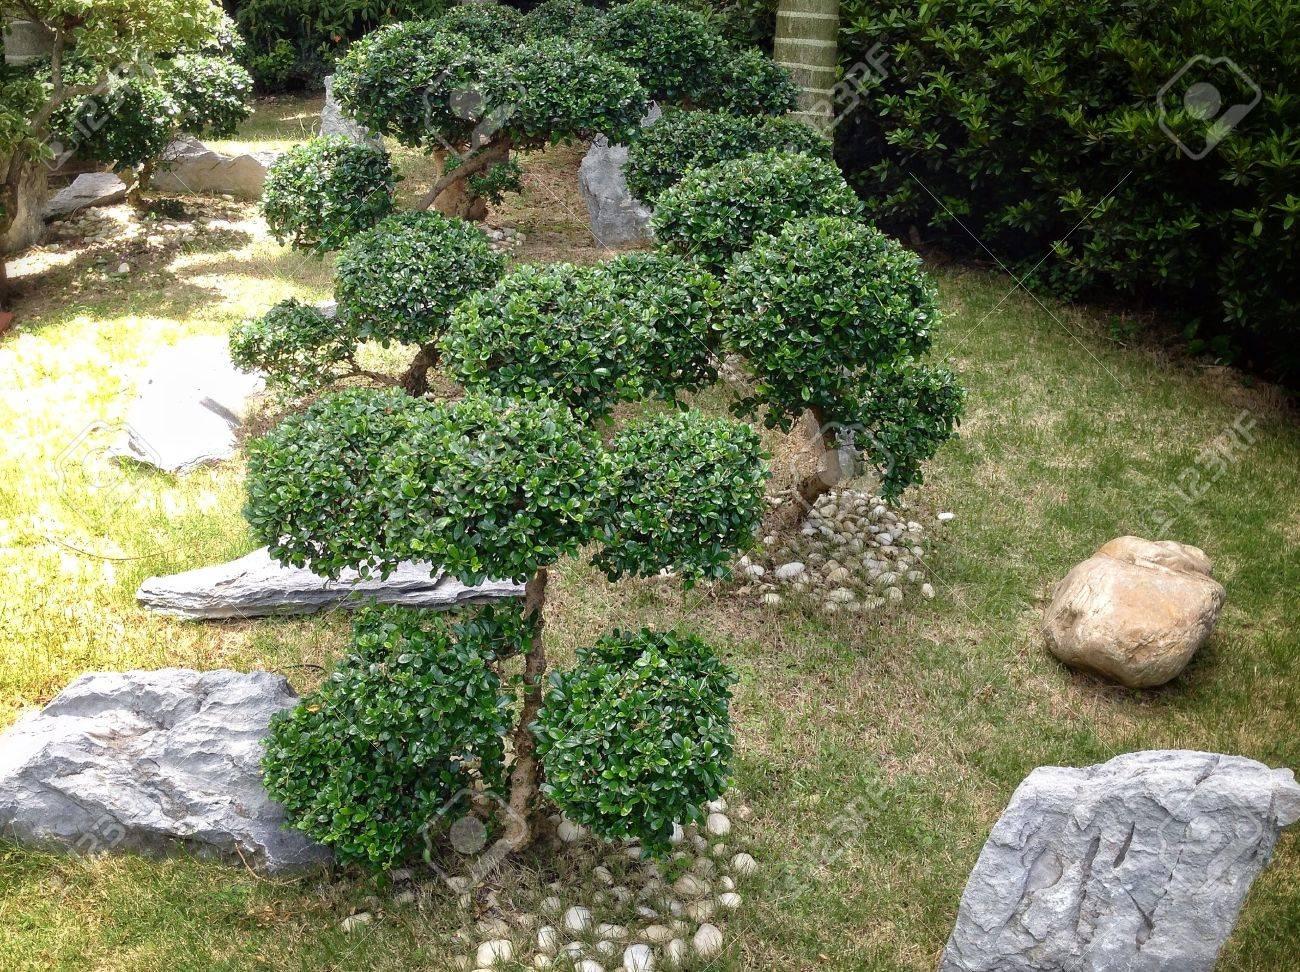 Un jardin de rocaille avec des bonsaïs.